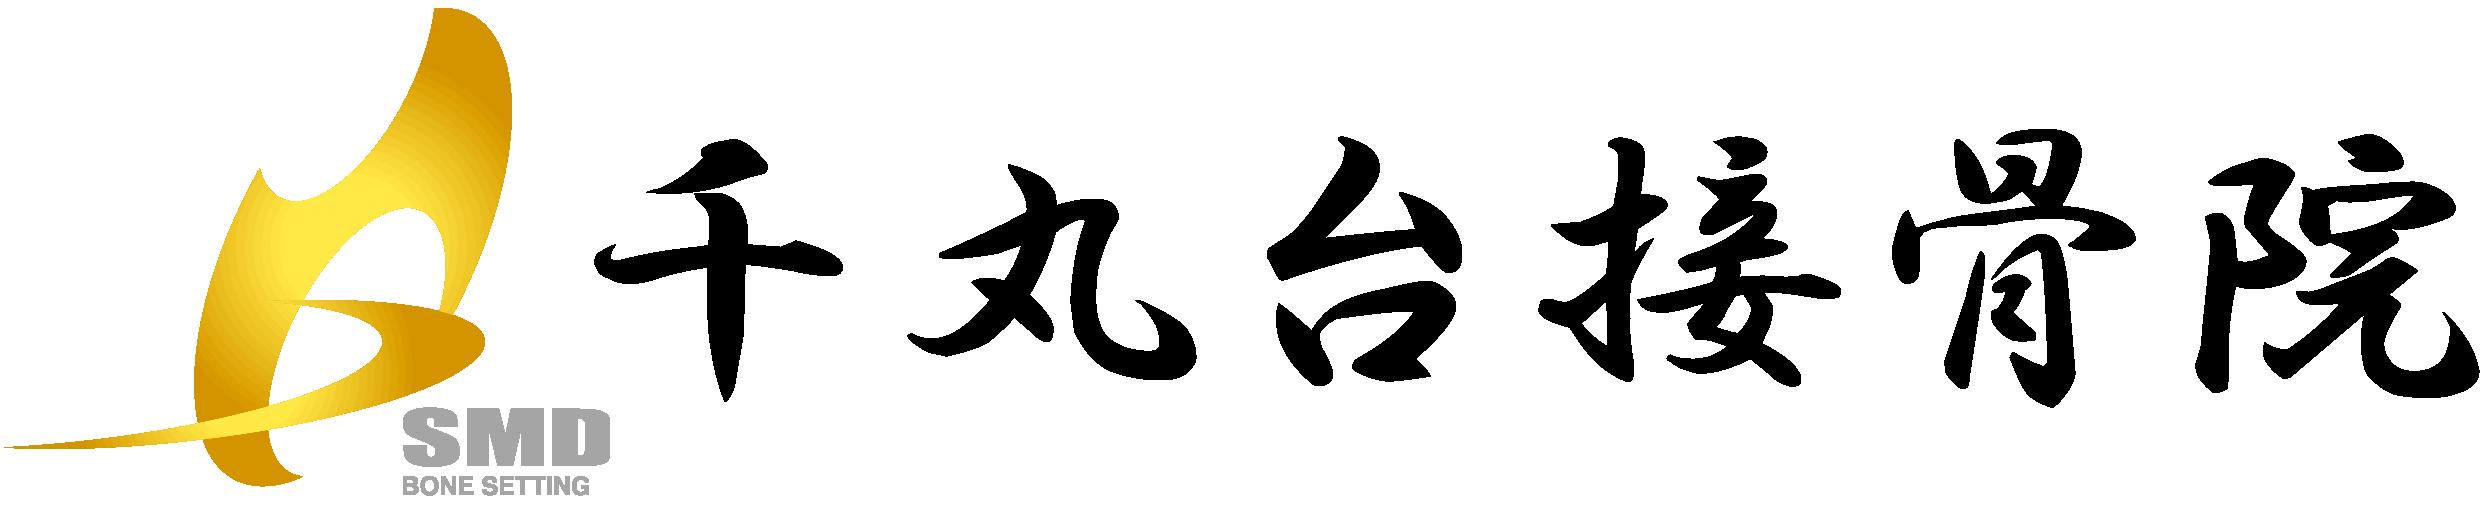 千丸台接骨院ロゴ